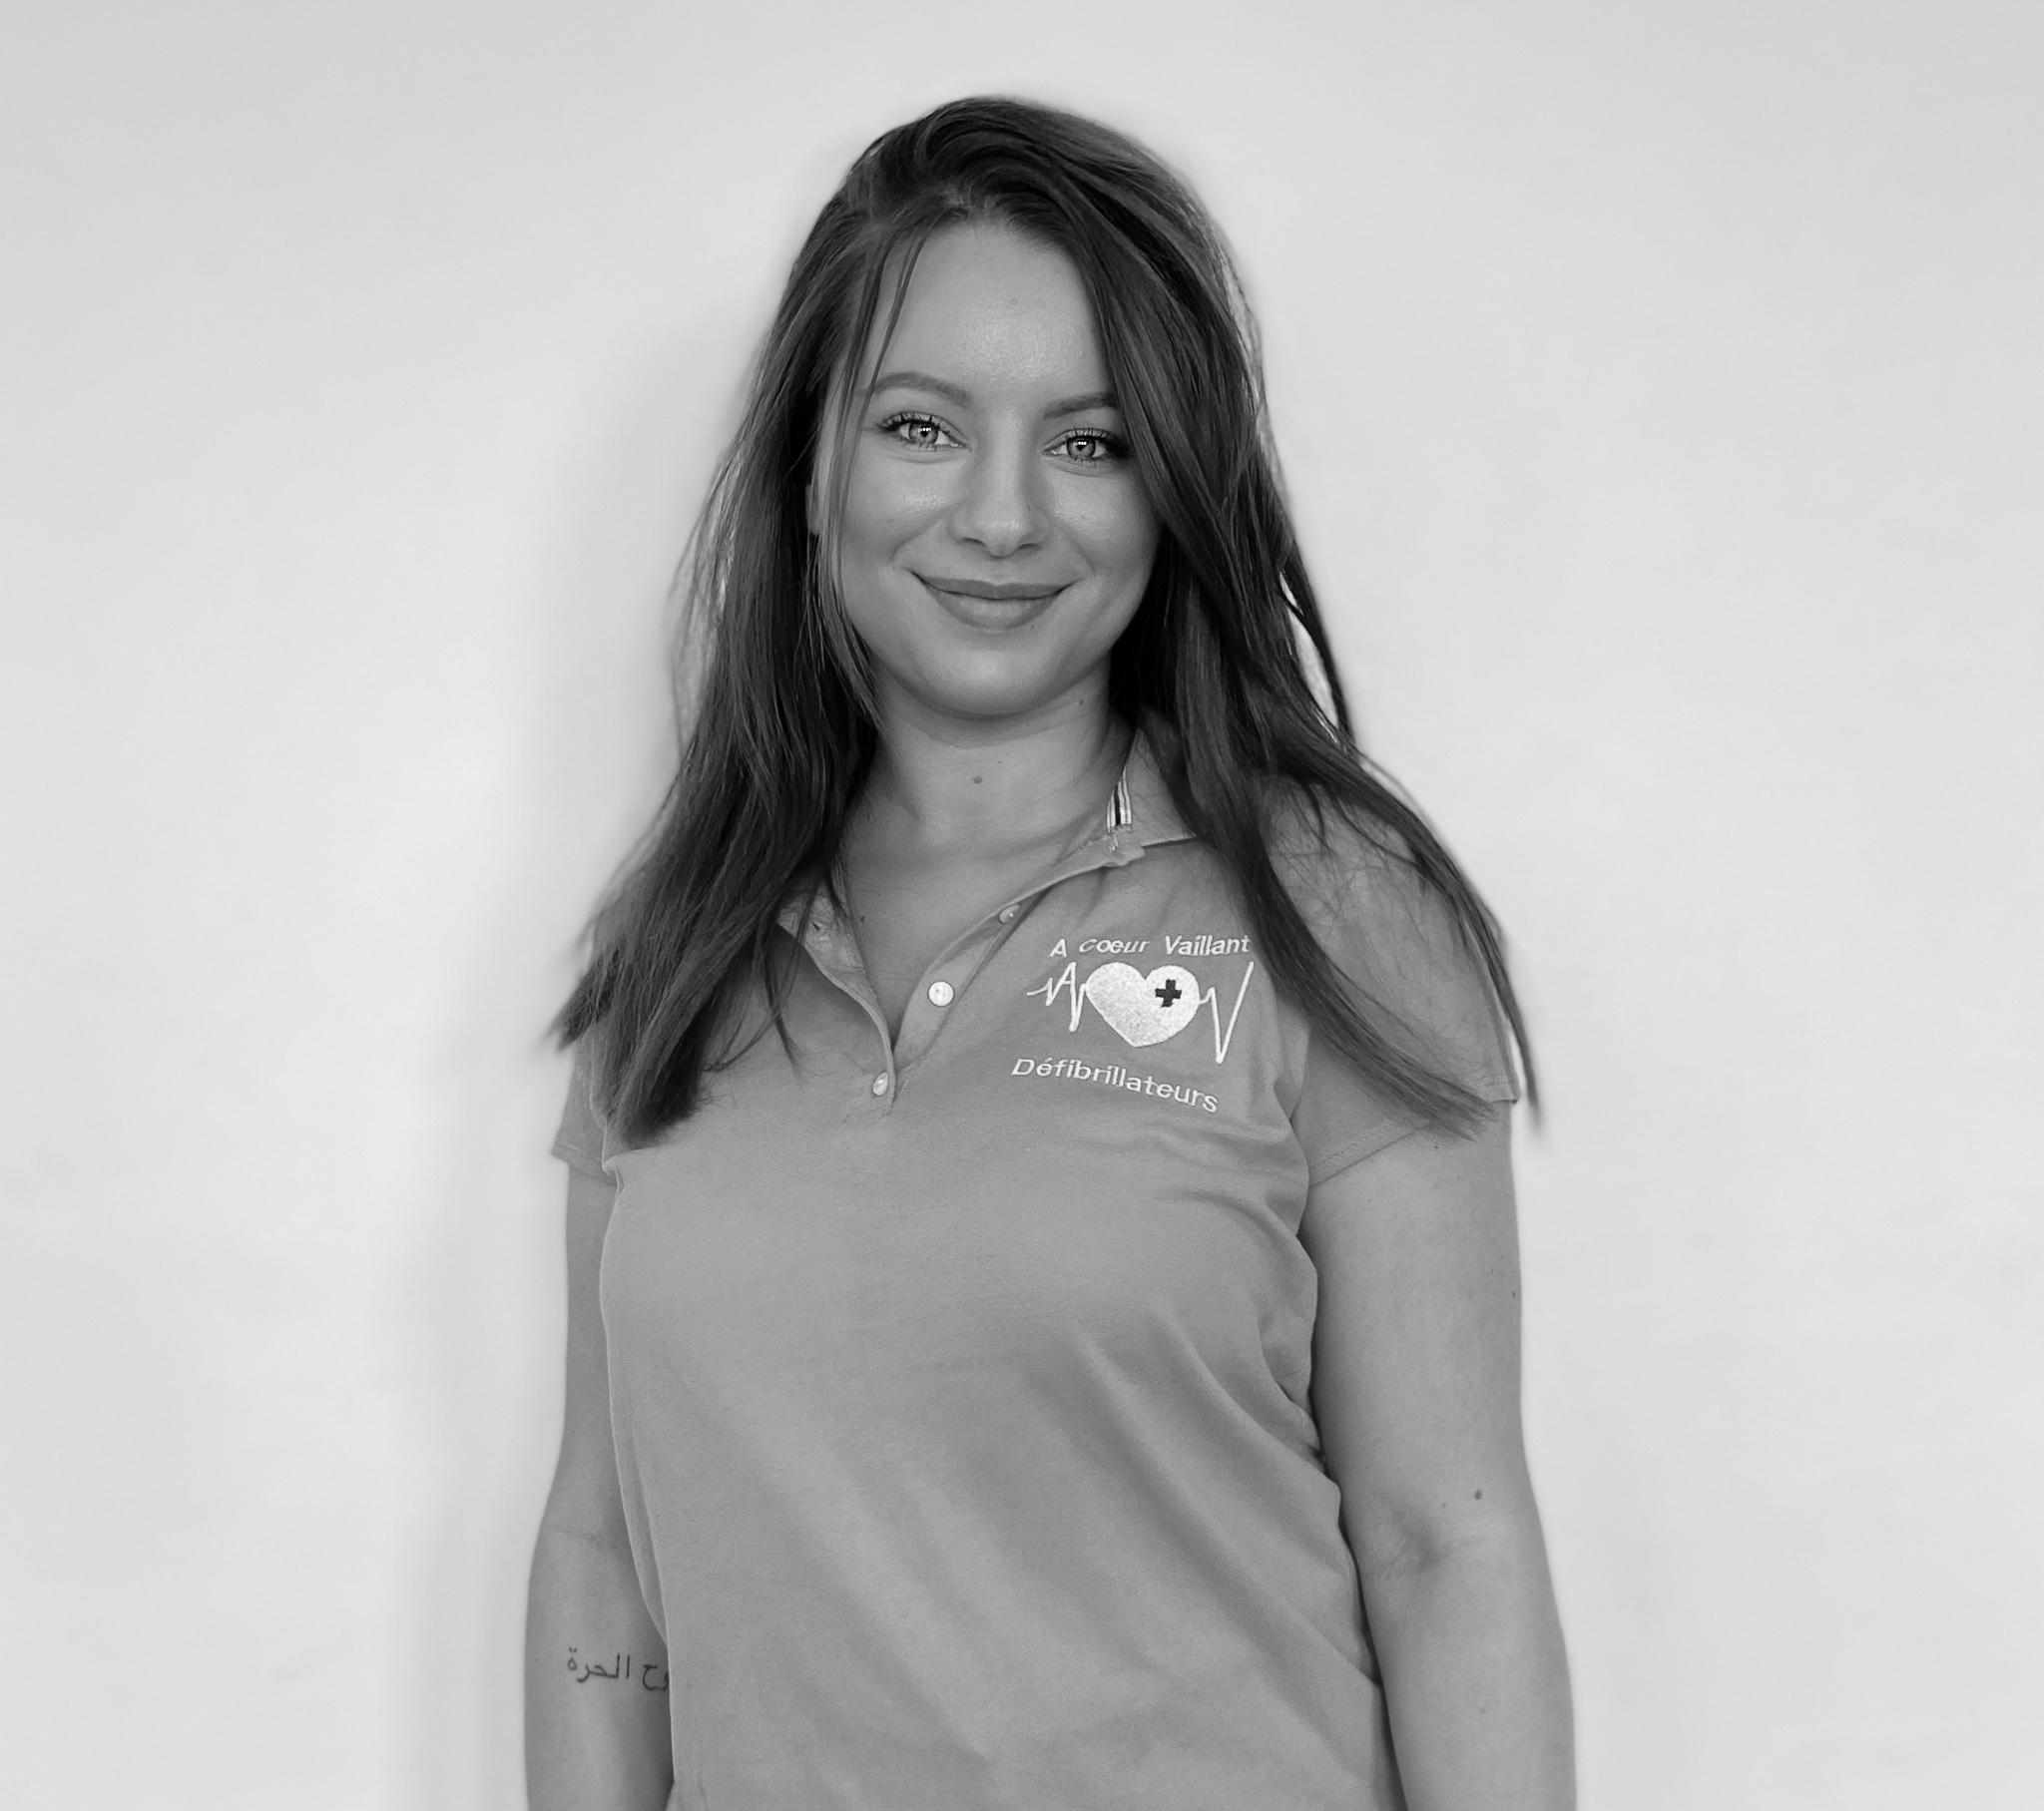 Sophia Chala - Technicienne Conseil Formatrice Photo - A Coeur Vaillant Défibrillateurs